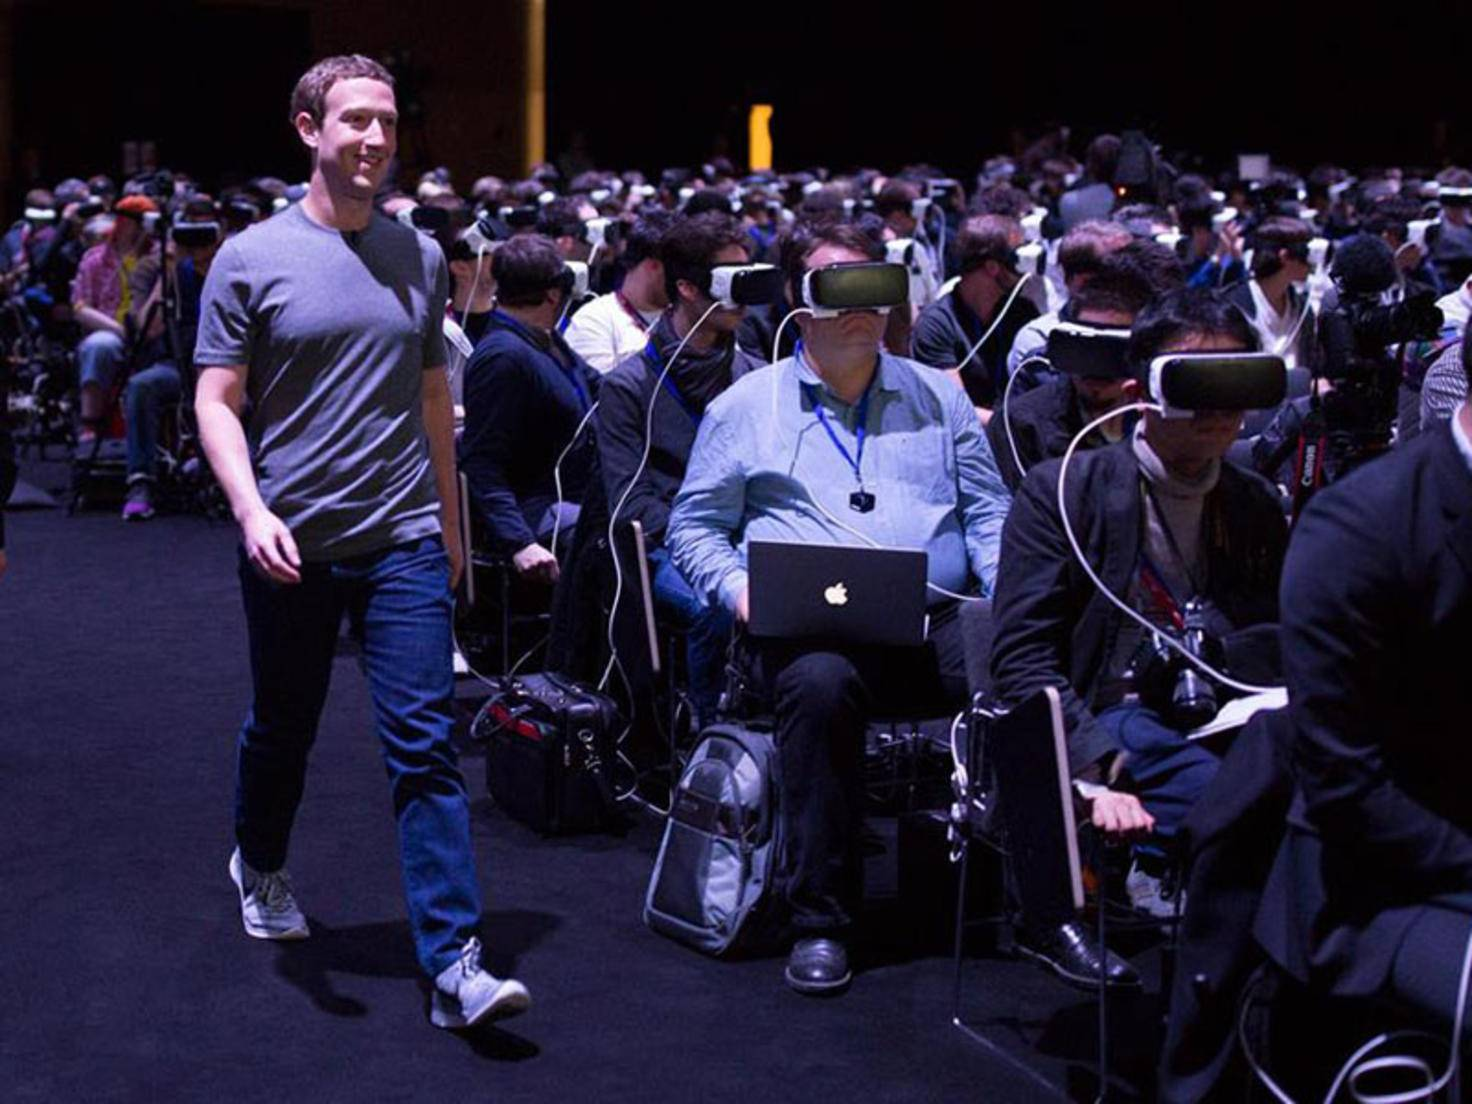 Mark_Zuckerberg_VR